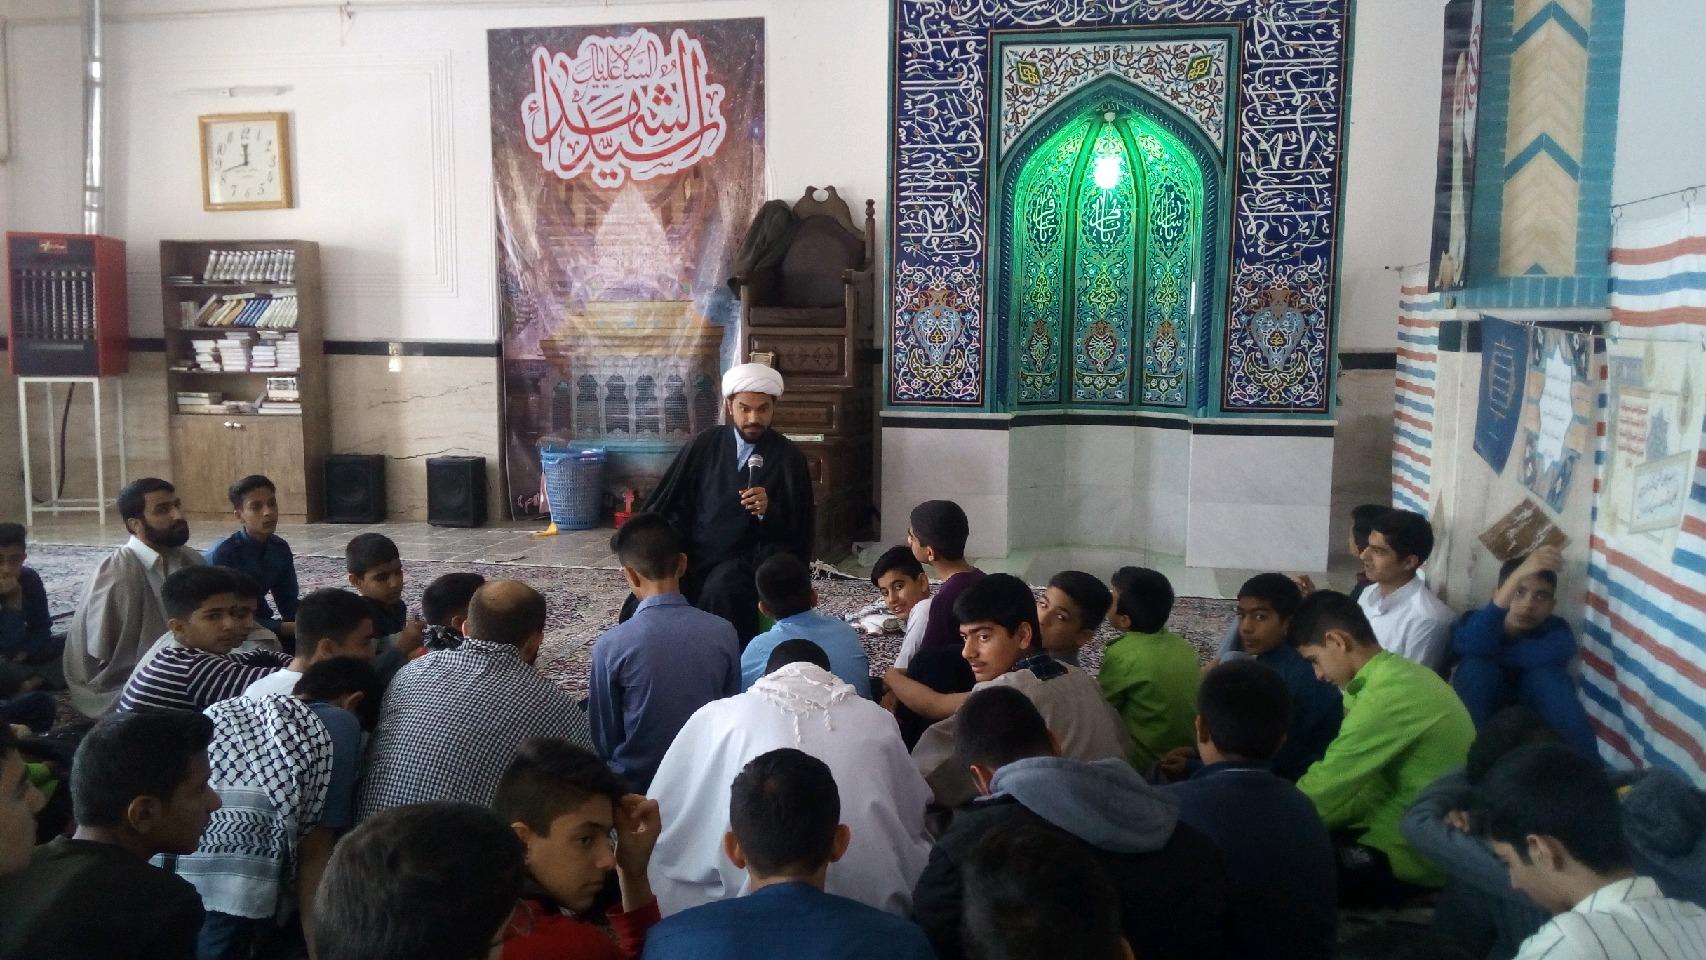 گزارش تصویری فعالیت فرهنگی تبلیغی موسسه شهیدین در اعتکاف 98 شهر کرمان